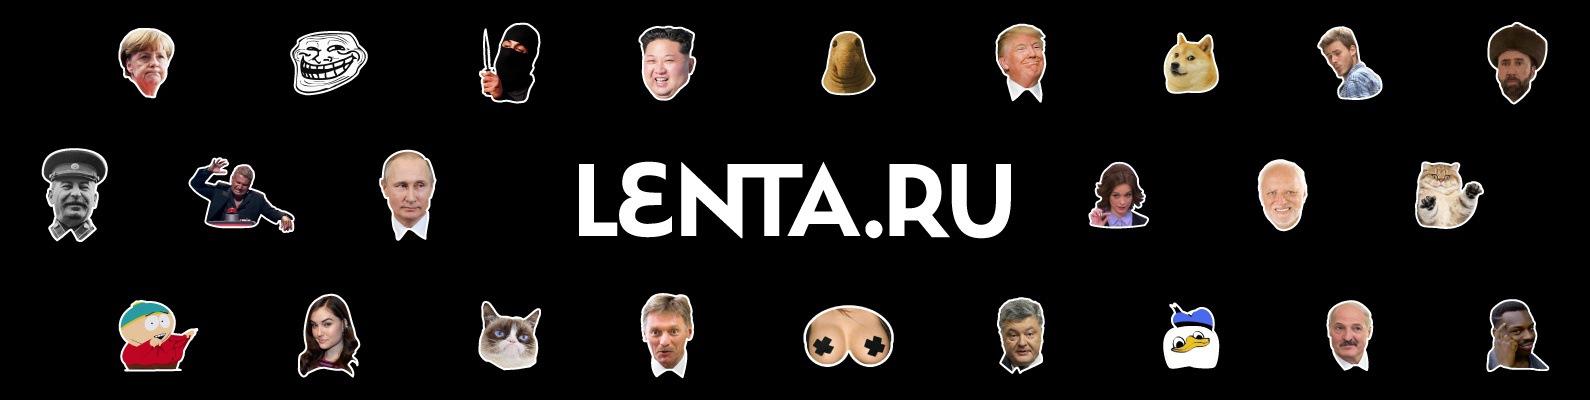 Картинки по запросу lenta.ru